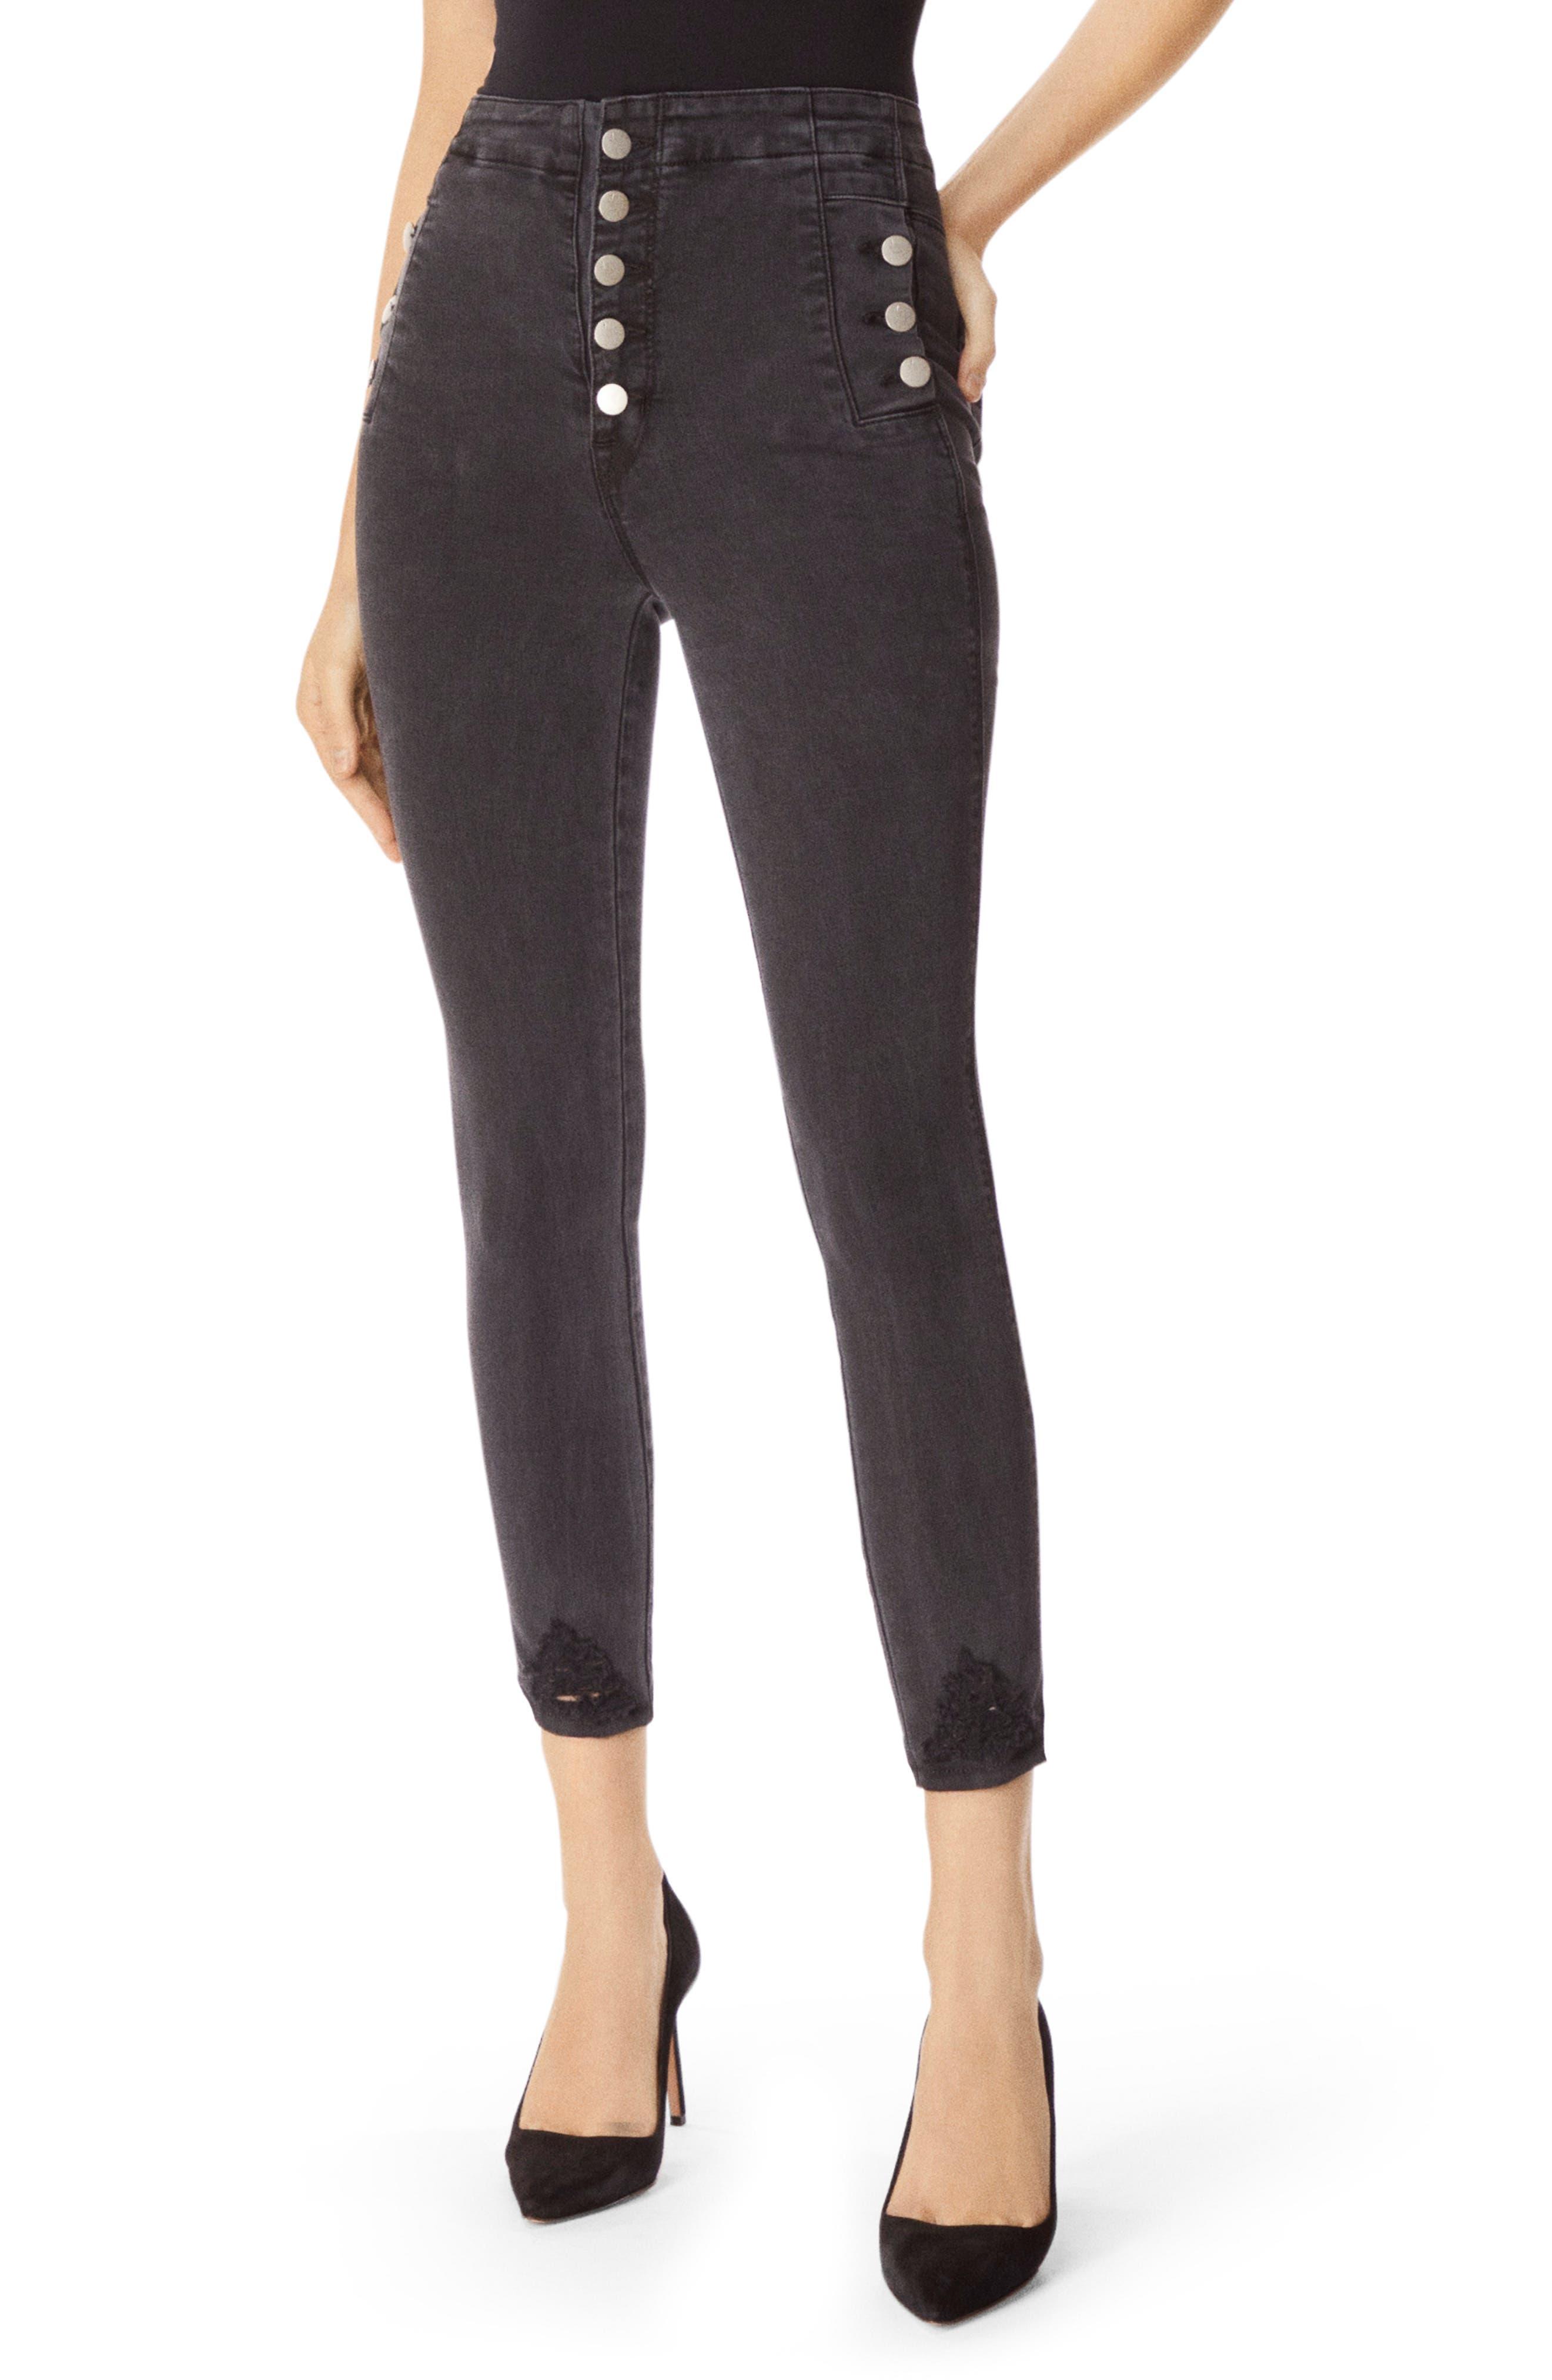 Natasha Sky-High Crop Skinny Jeans With Destroyed Hem in Bellatrix Destruct